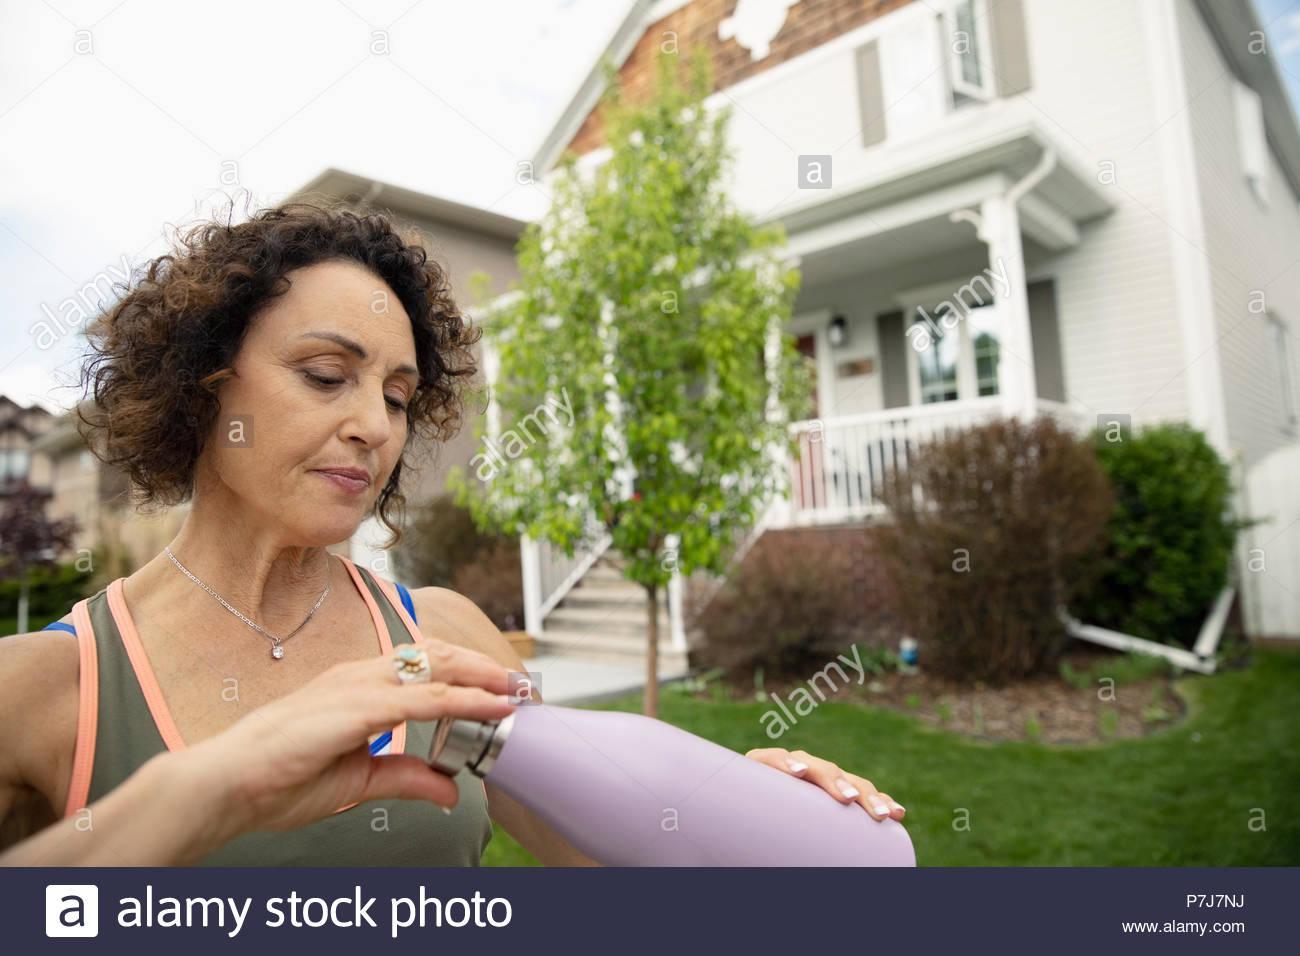 Senior female runner drinking from water bottle on neighborhood sidewalk - Stock Image